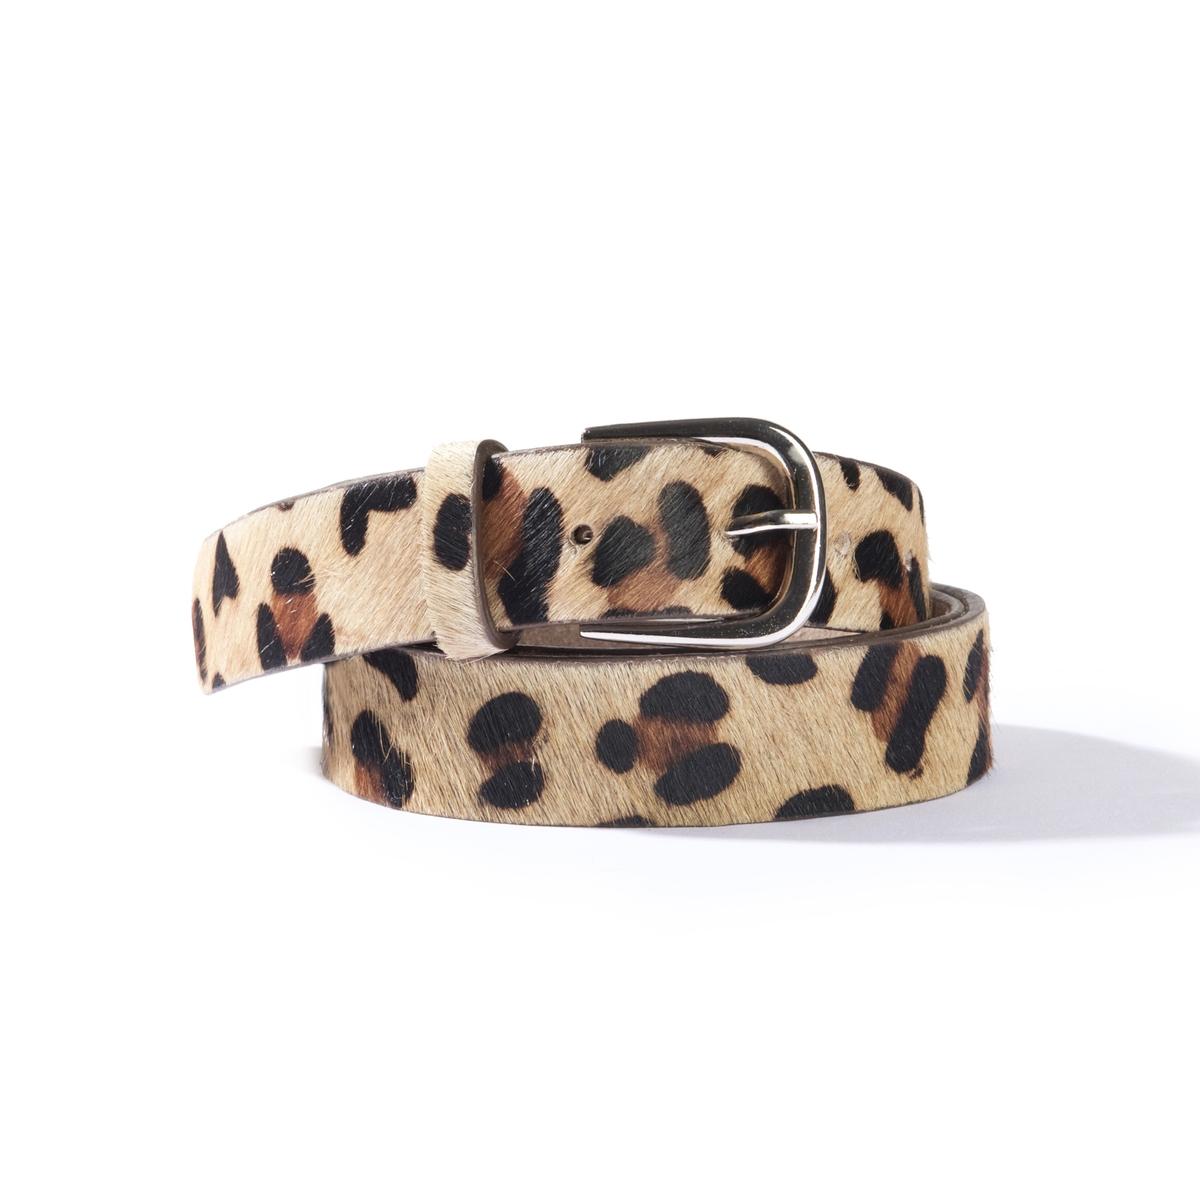 Ремень кожаный с леопардовым рисункомОписание:Модный кожаный ремень с красивым леопардовым рисунком !Состав и описание : Материал : яловичная кожа Марка : R Studio.Размер :  ширина 3 см Застежка : пряжка.<br><br>Цвет: леопардовый рисунок